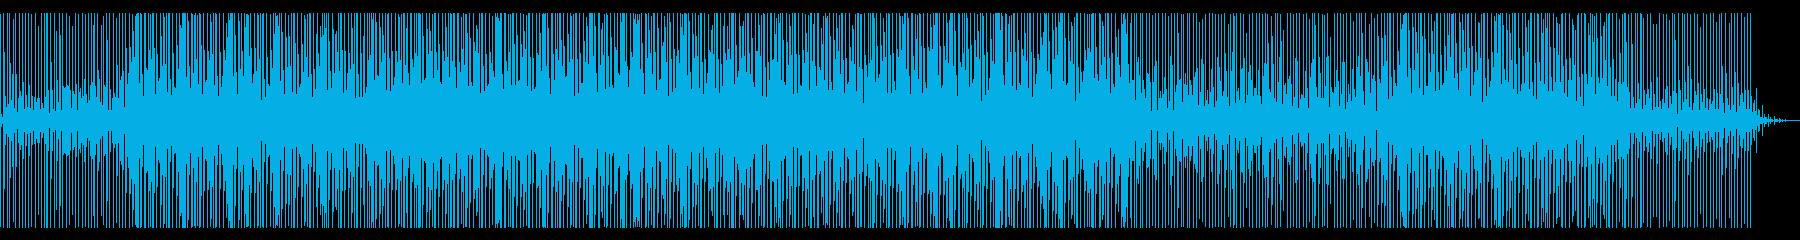 ニュース原稿読みBGM。ハウス/4つ打ちの再生済みの波形